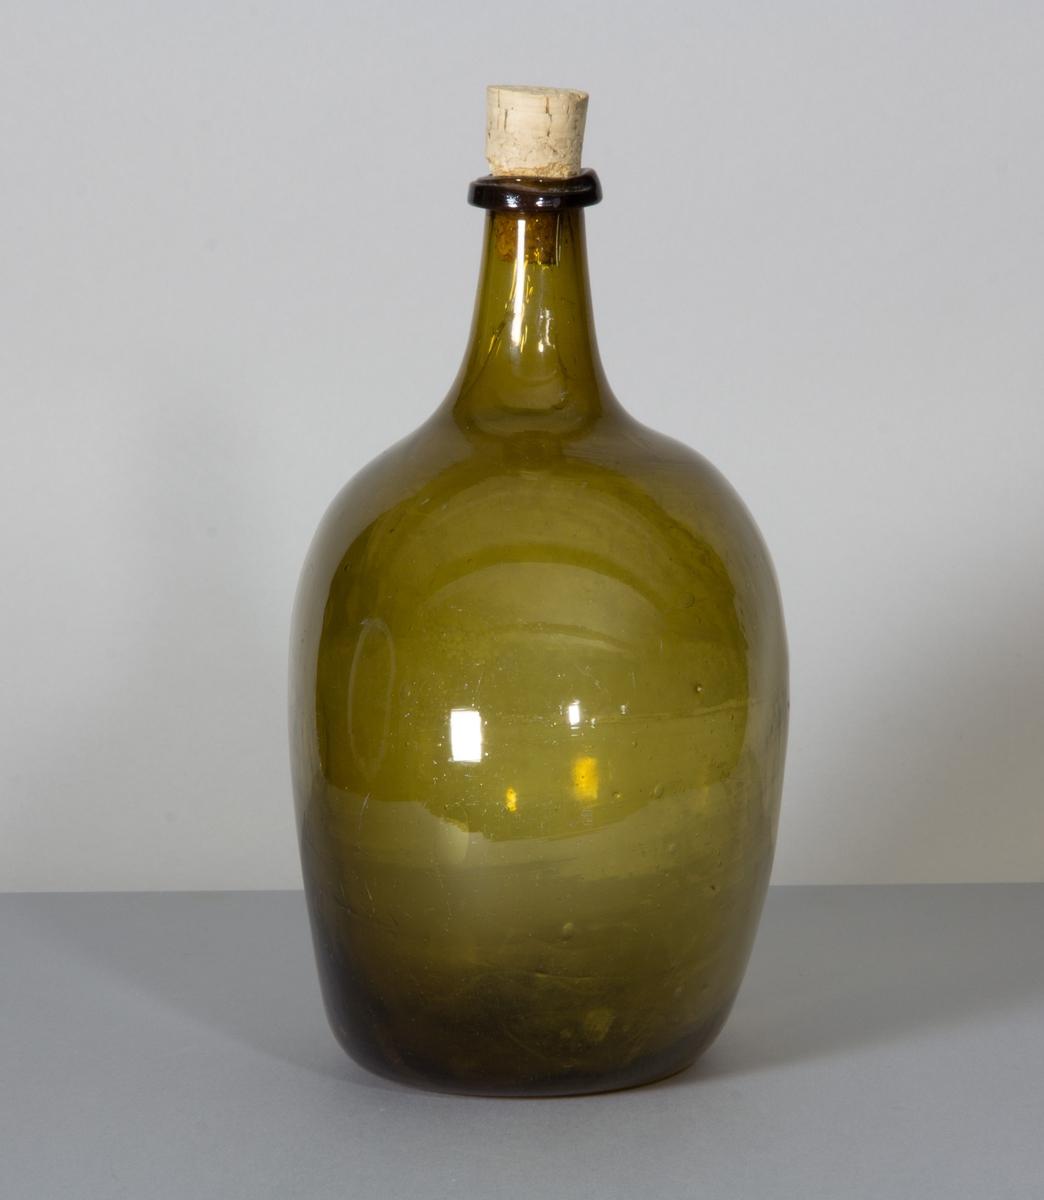 Flaska i glas, brungrön till färgen. Rundade sidor, hals med halsring och platt botten.